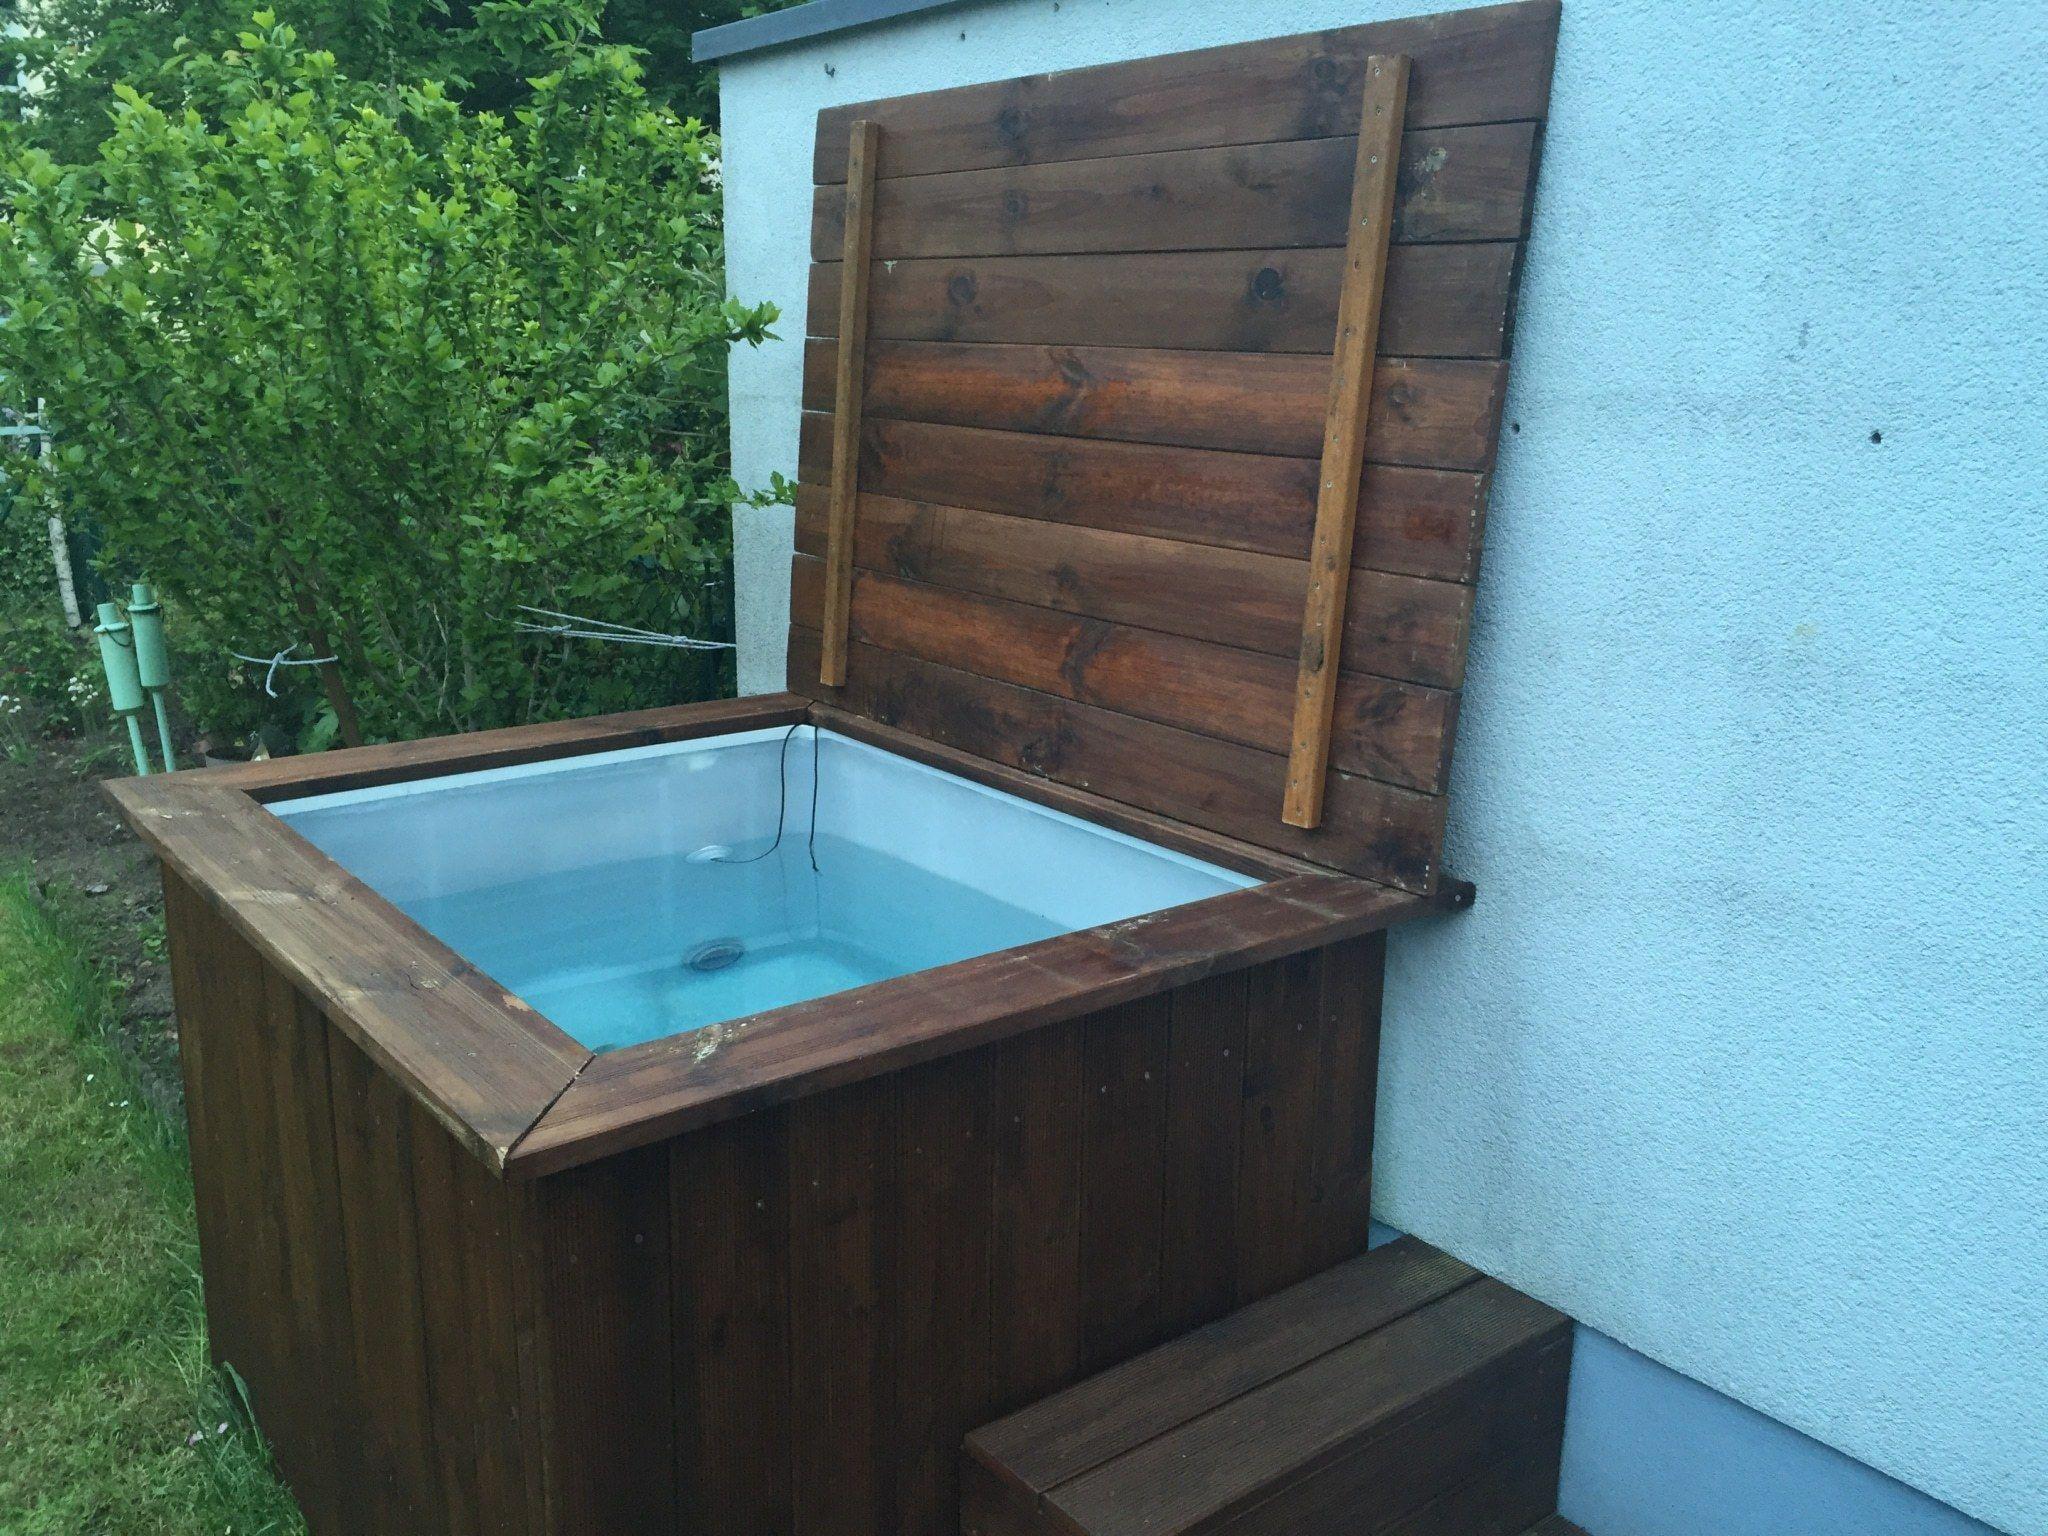 Diy Whirlpool Der Deckel Badewanne Garten Whirlpool Garten Whirlpool Selber Bauen